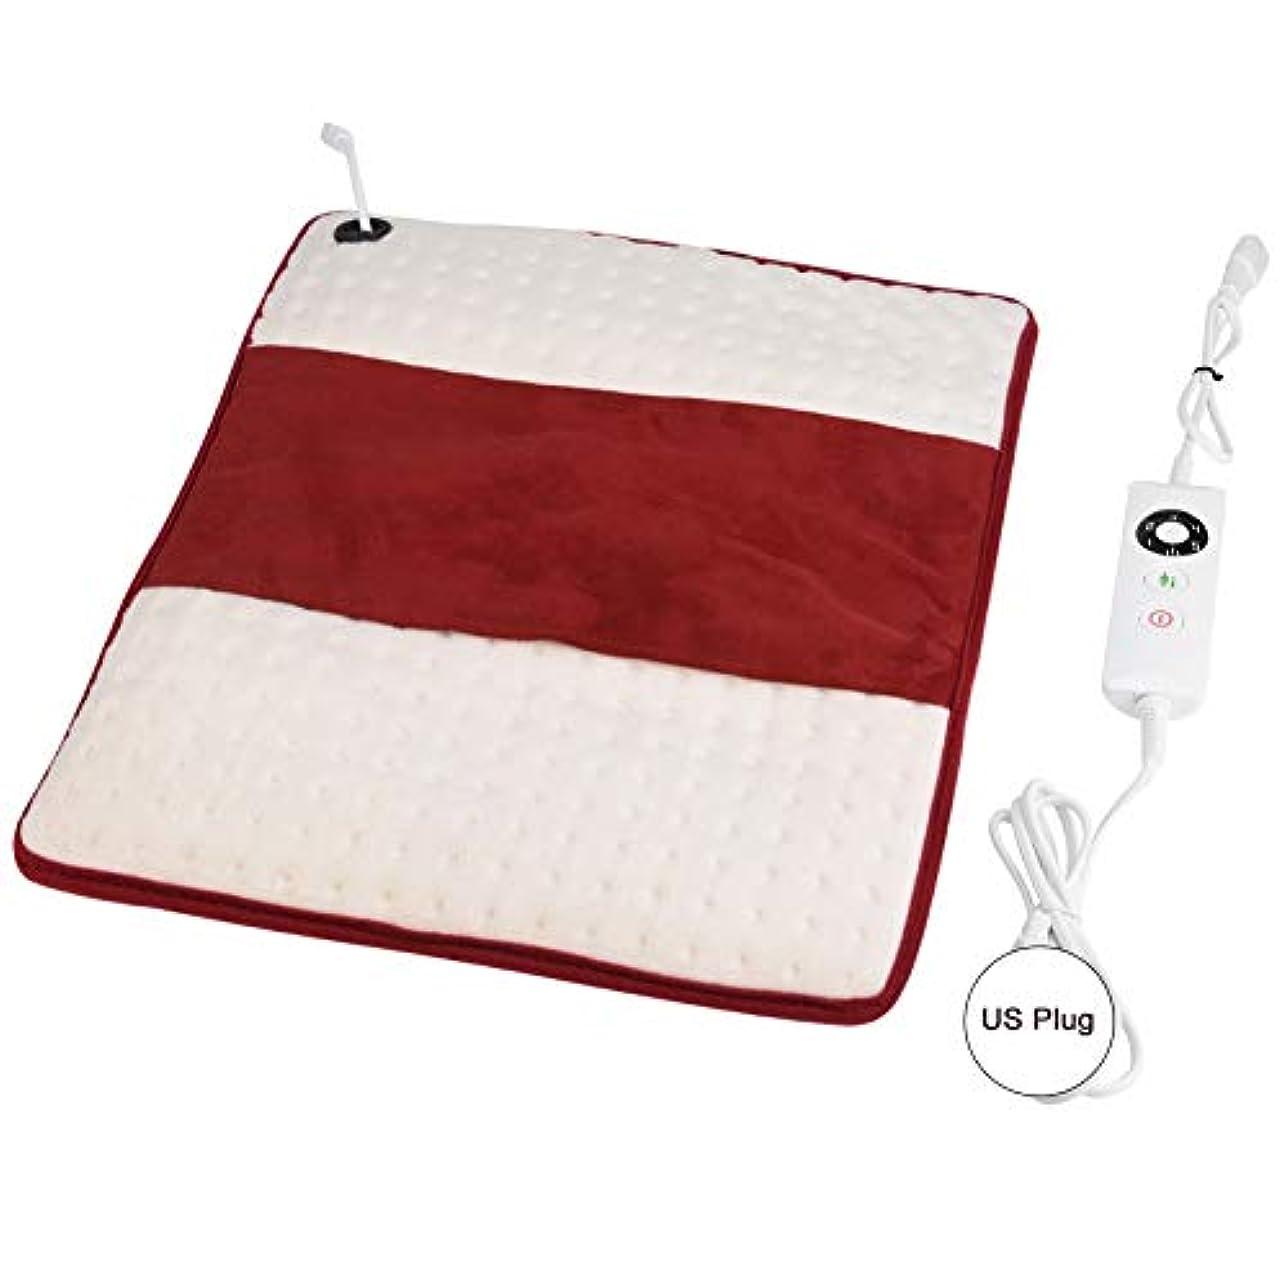 重荷撃退するデコレーション電気暖房のパッド、多機能の電気暖房療法のパッドの洗濯できる腰痛の救助のマット(US Plug)